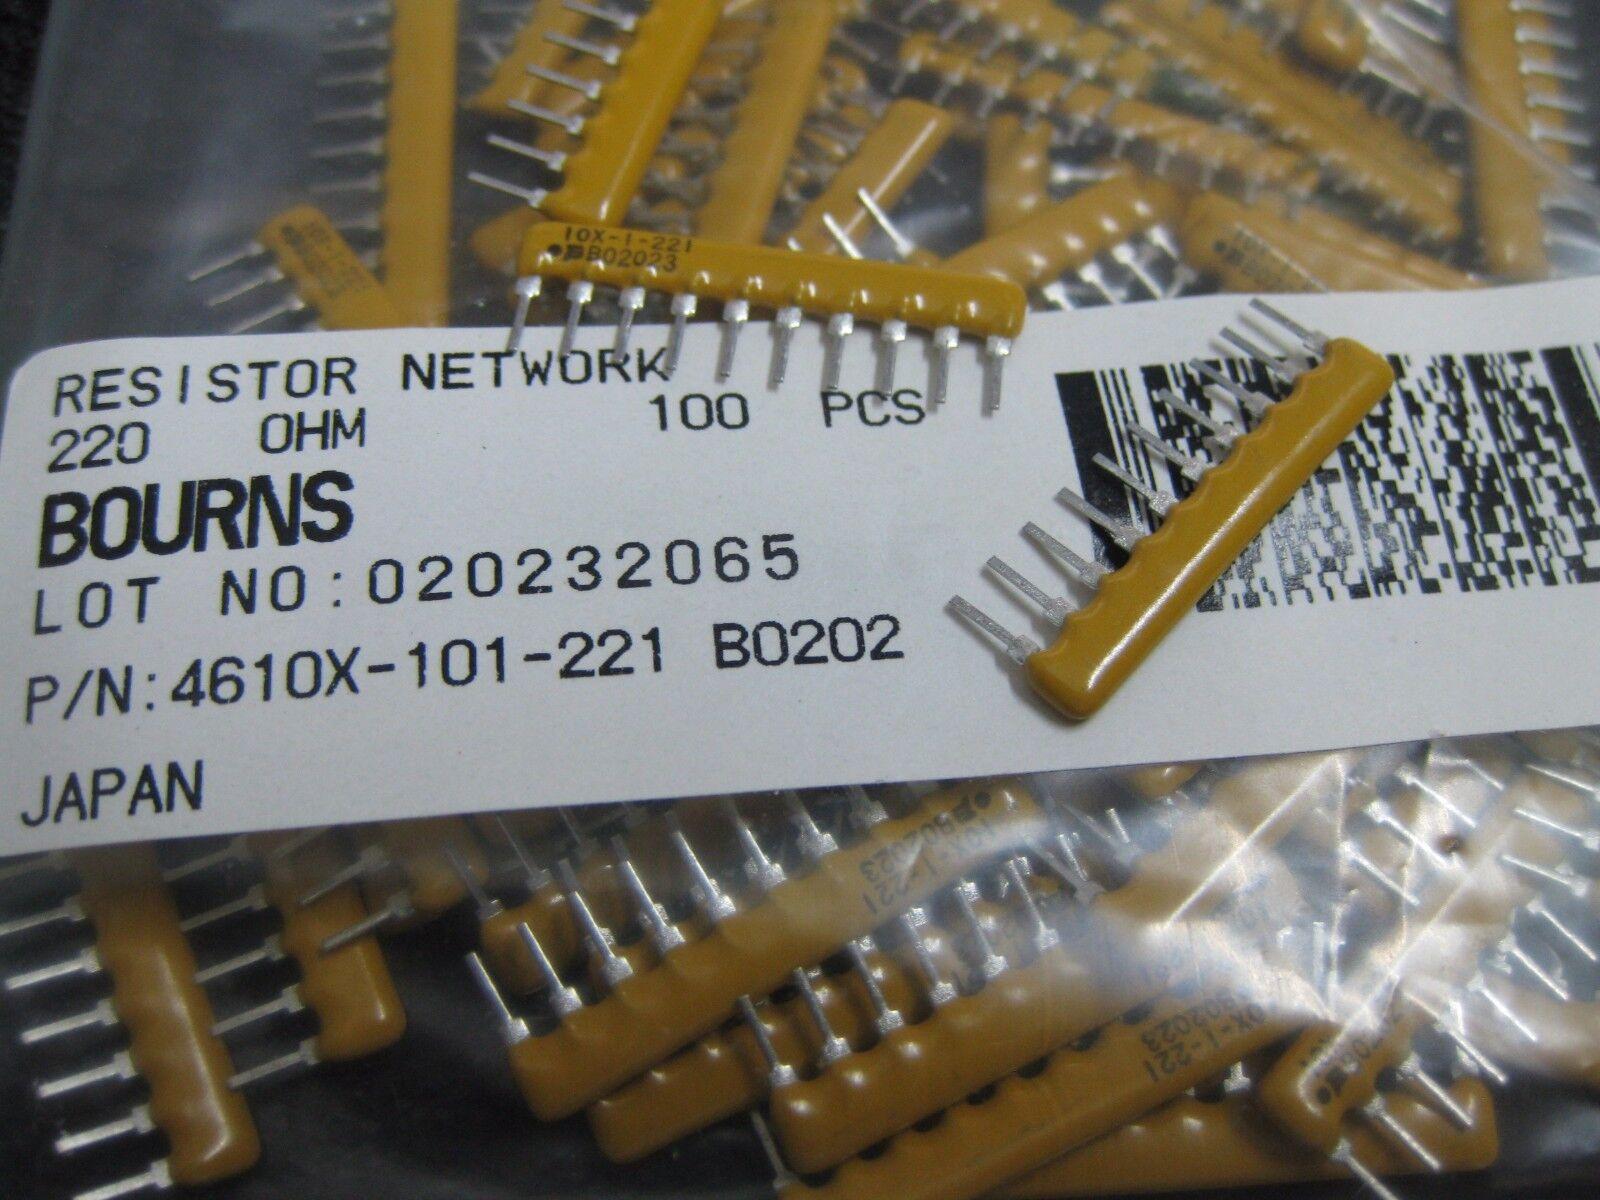 CLASSYTEK 10-Pack SlimRun Cat6A Ethernet Network Patch Cable 14ft Black